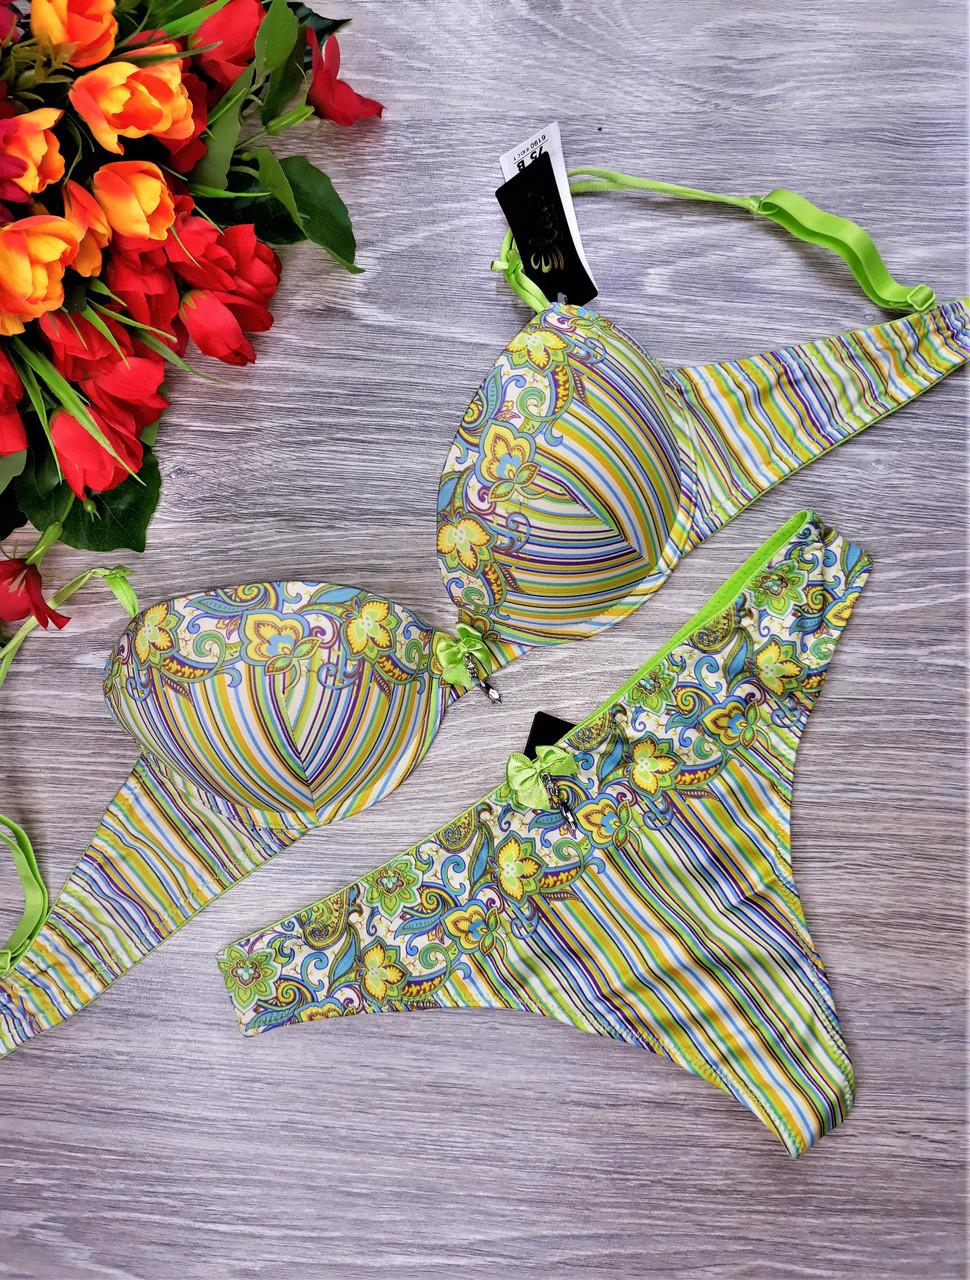 Комплект бюст +сринги Elan атласный С75 см салатовый в разноцветную полоску (6190)